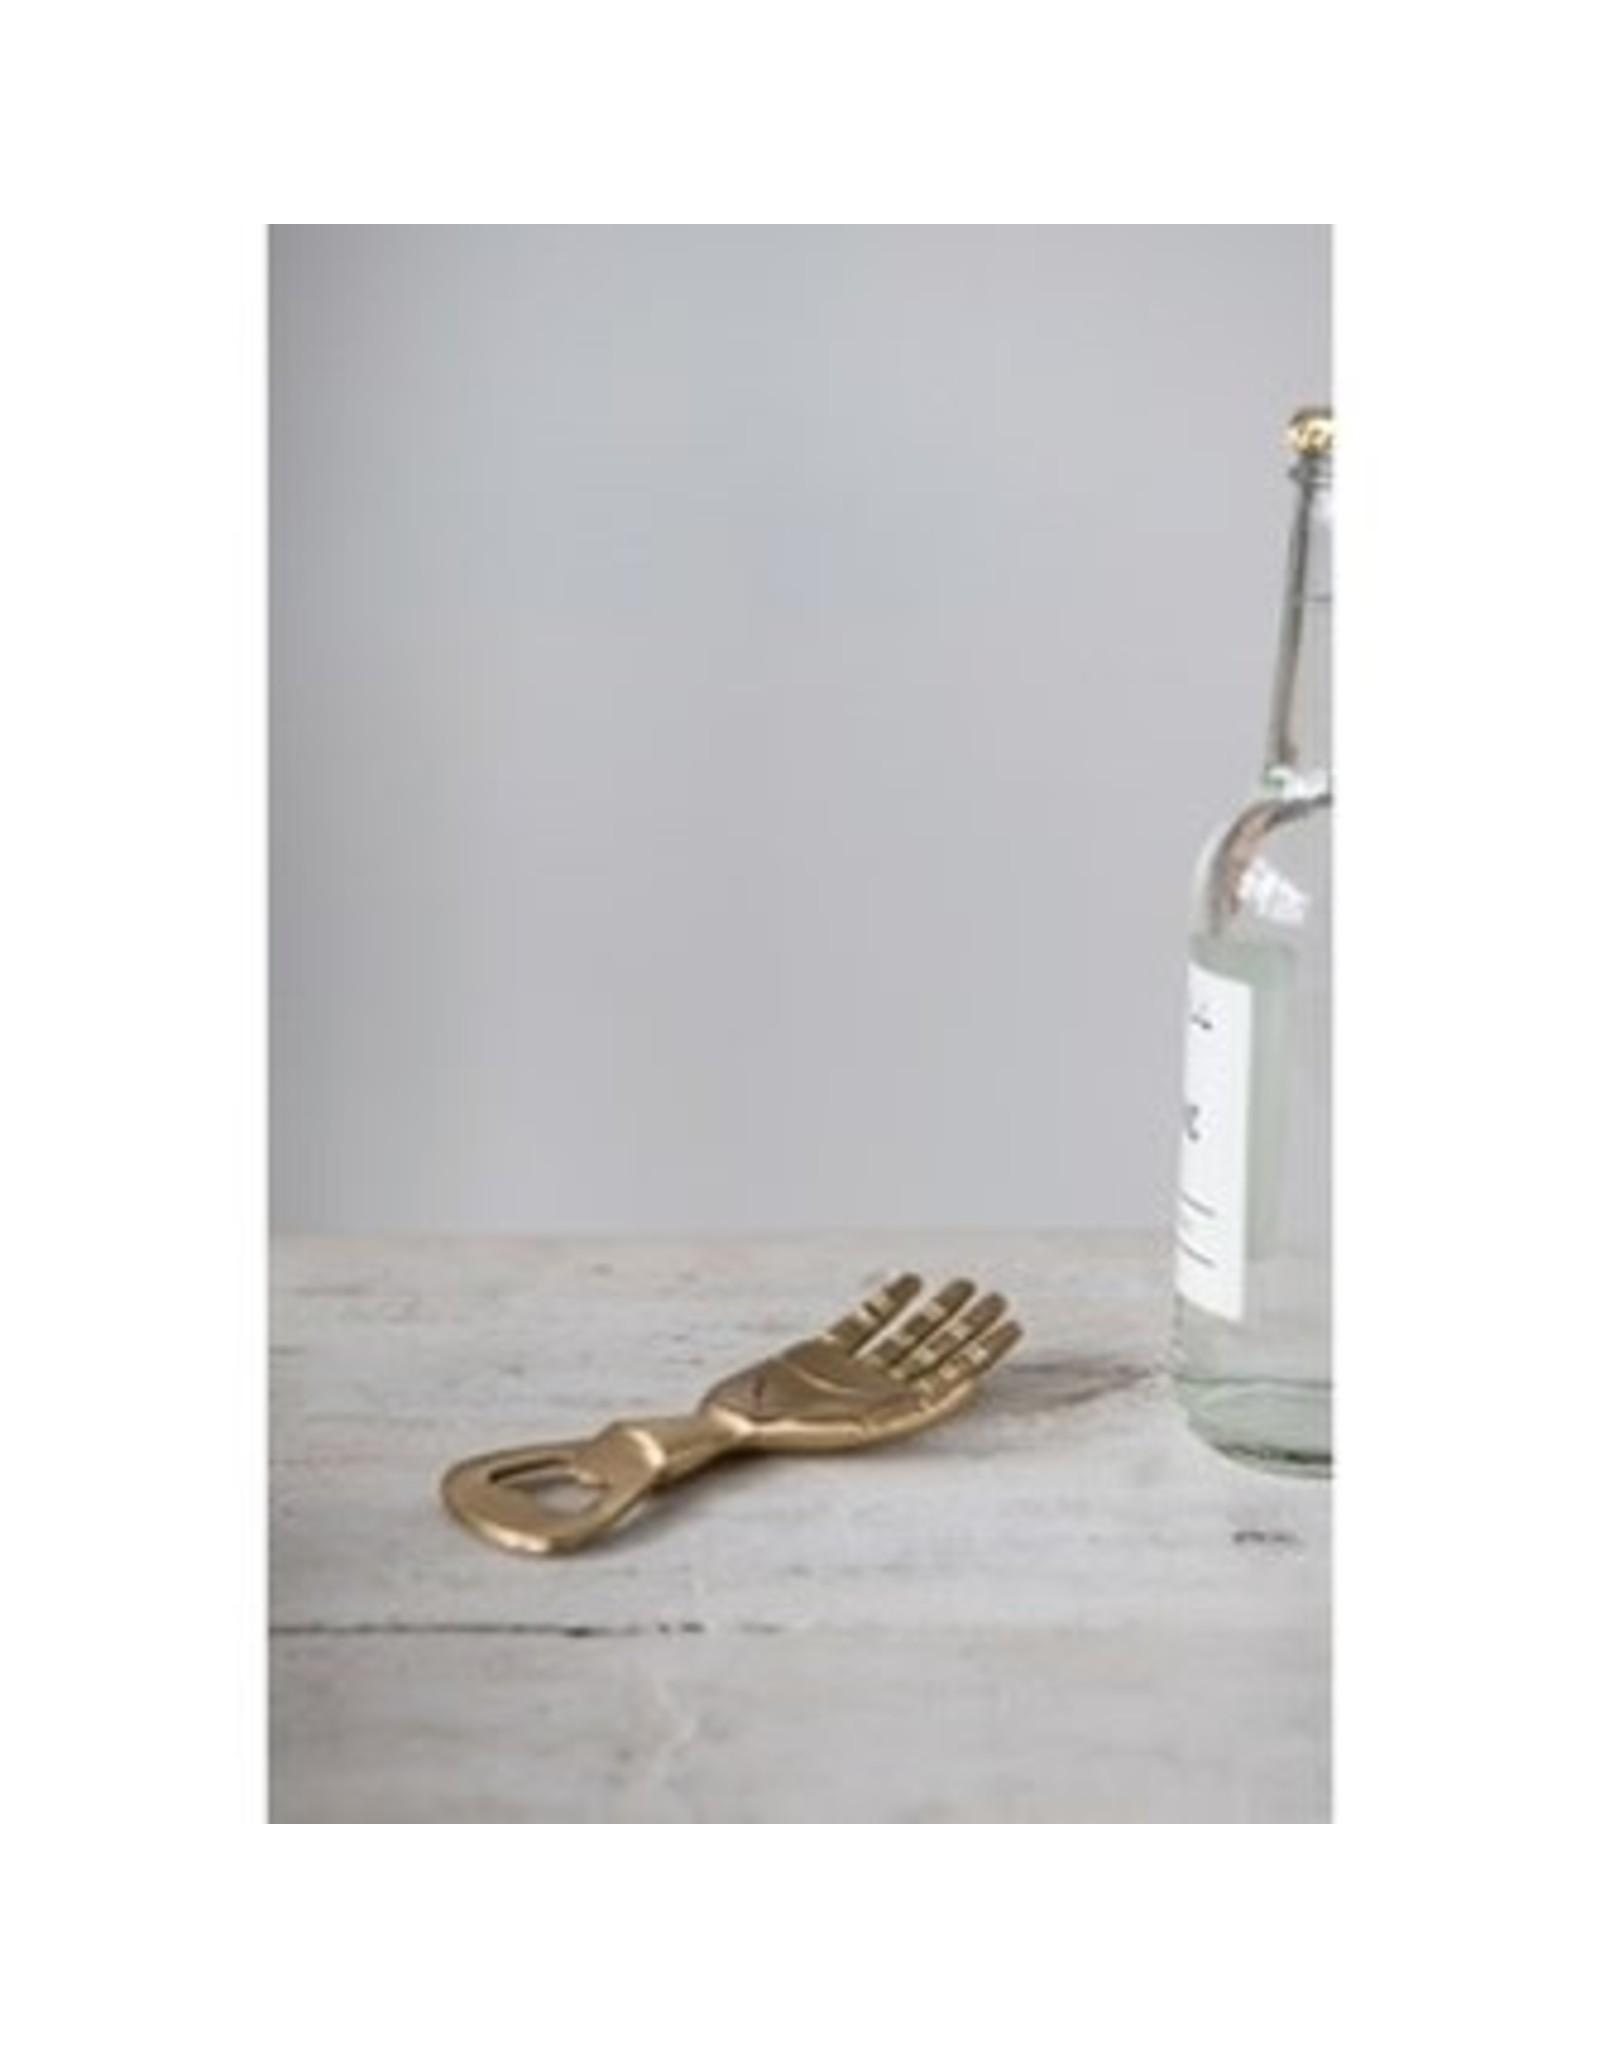 The Florist & The Merchant Brass Hand Bottle Opener